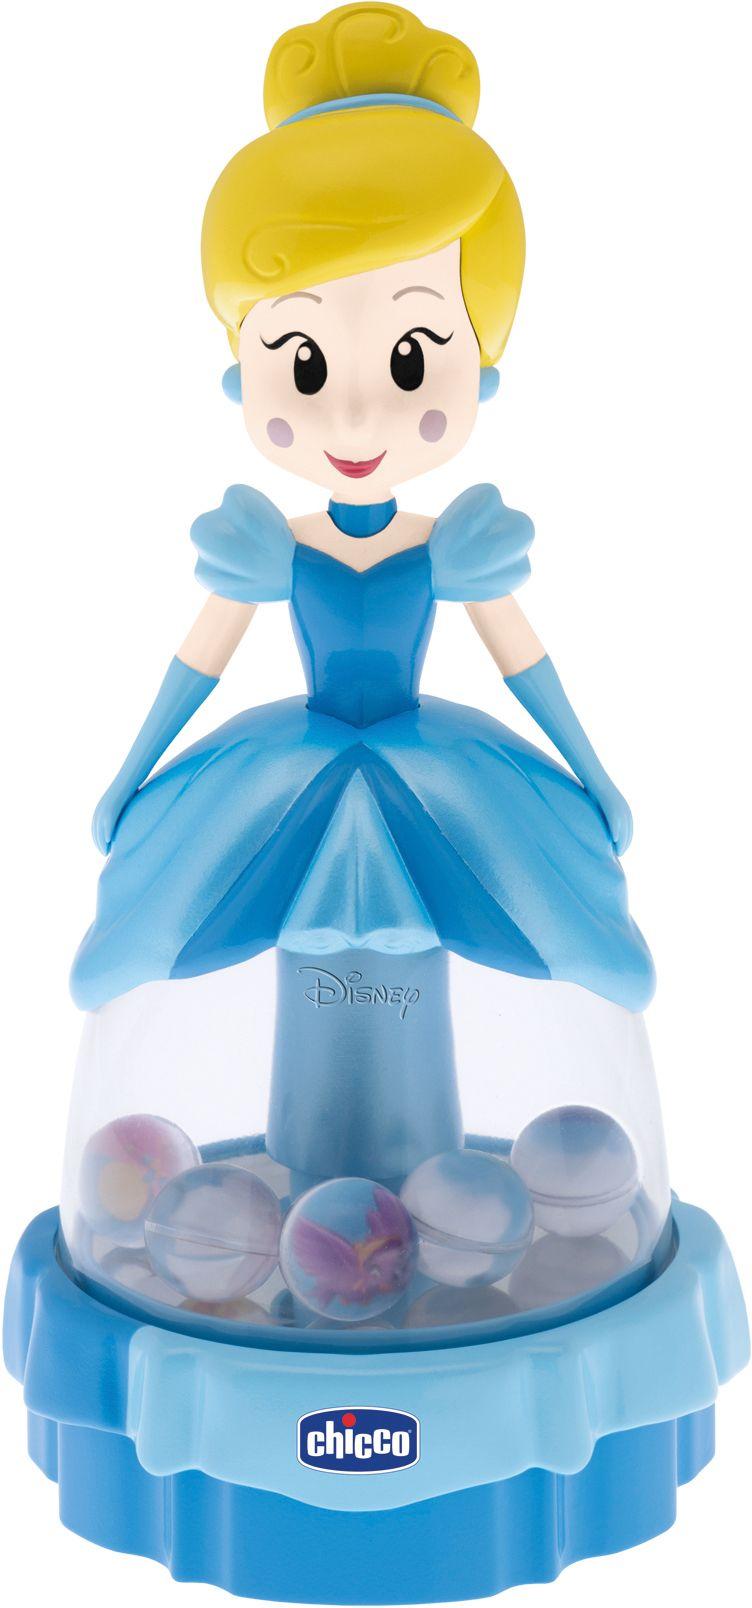 CHICCO Chicco® Brummkreisel, »Disney baby, Disney Princess Cinderella Kreisel«